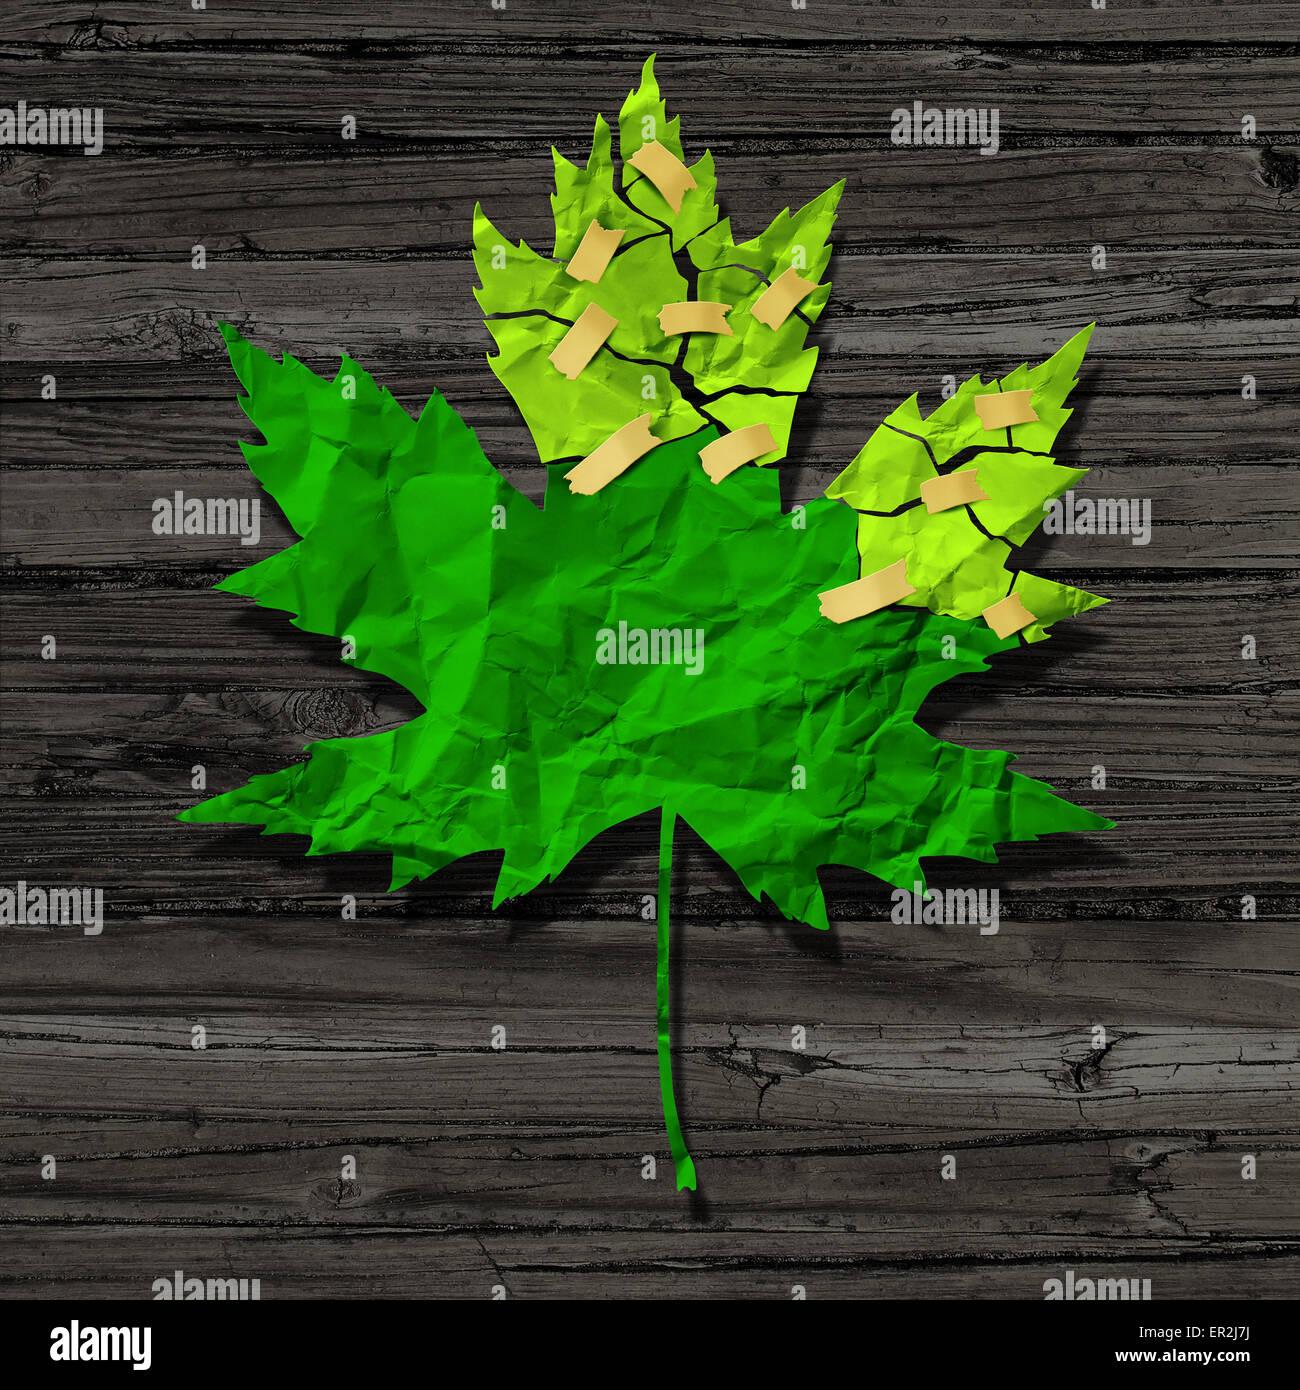 Erhaltung der Umwelt-Konzept als Schnitt von gebrochenen Torne grüne zerknittertes Papier als eine Erhaltung Stockbild